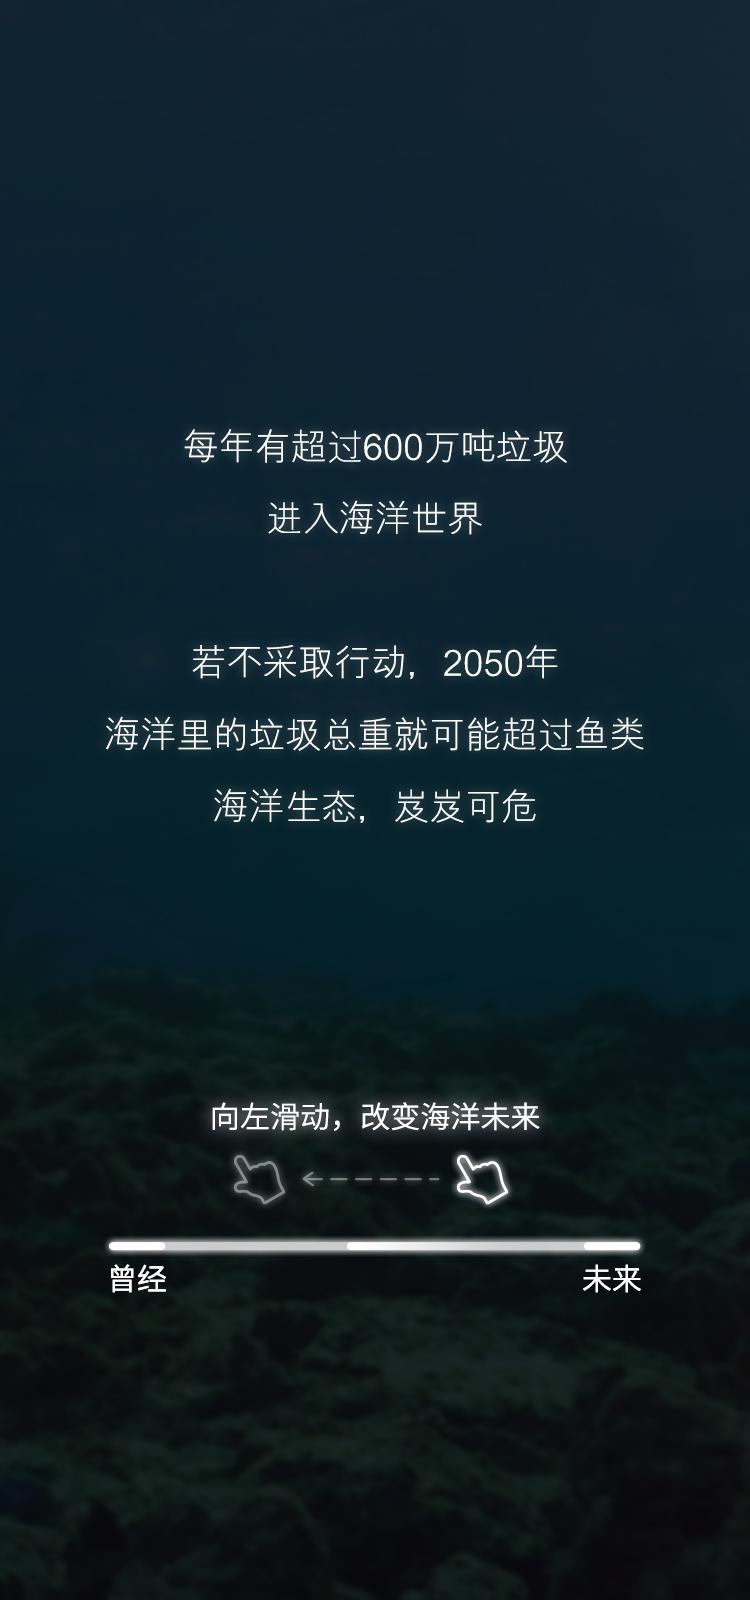 企业微信截图_16119143048073.png